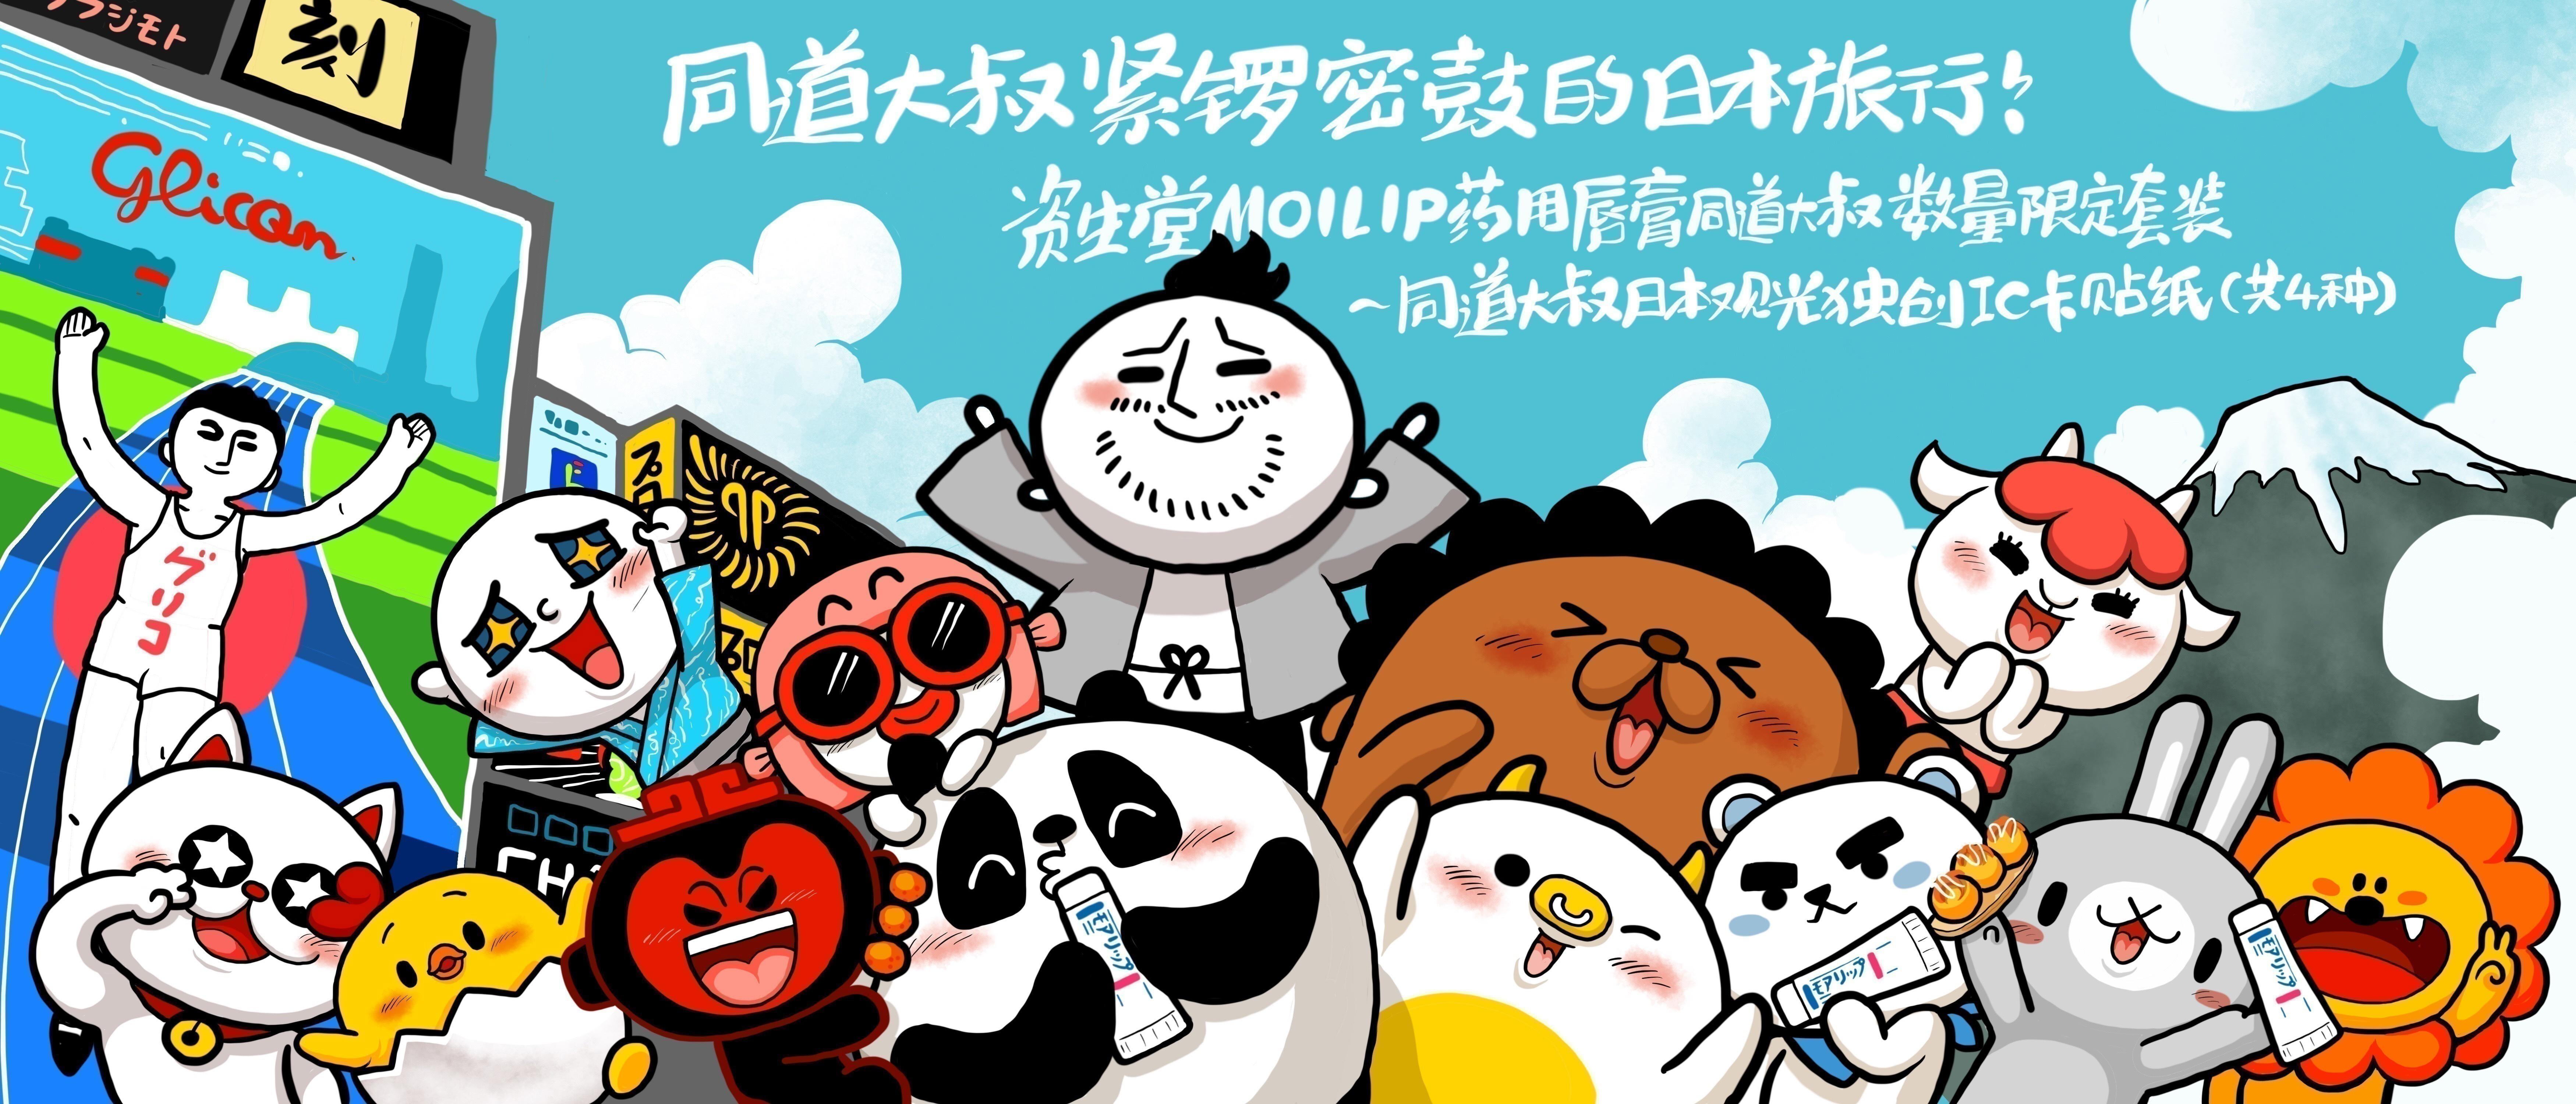 資生堂モアリップ中国人観光客向け中国の人気キャラとコラボ